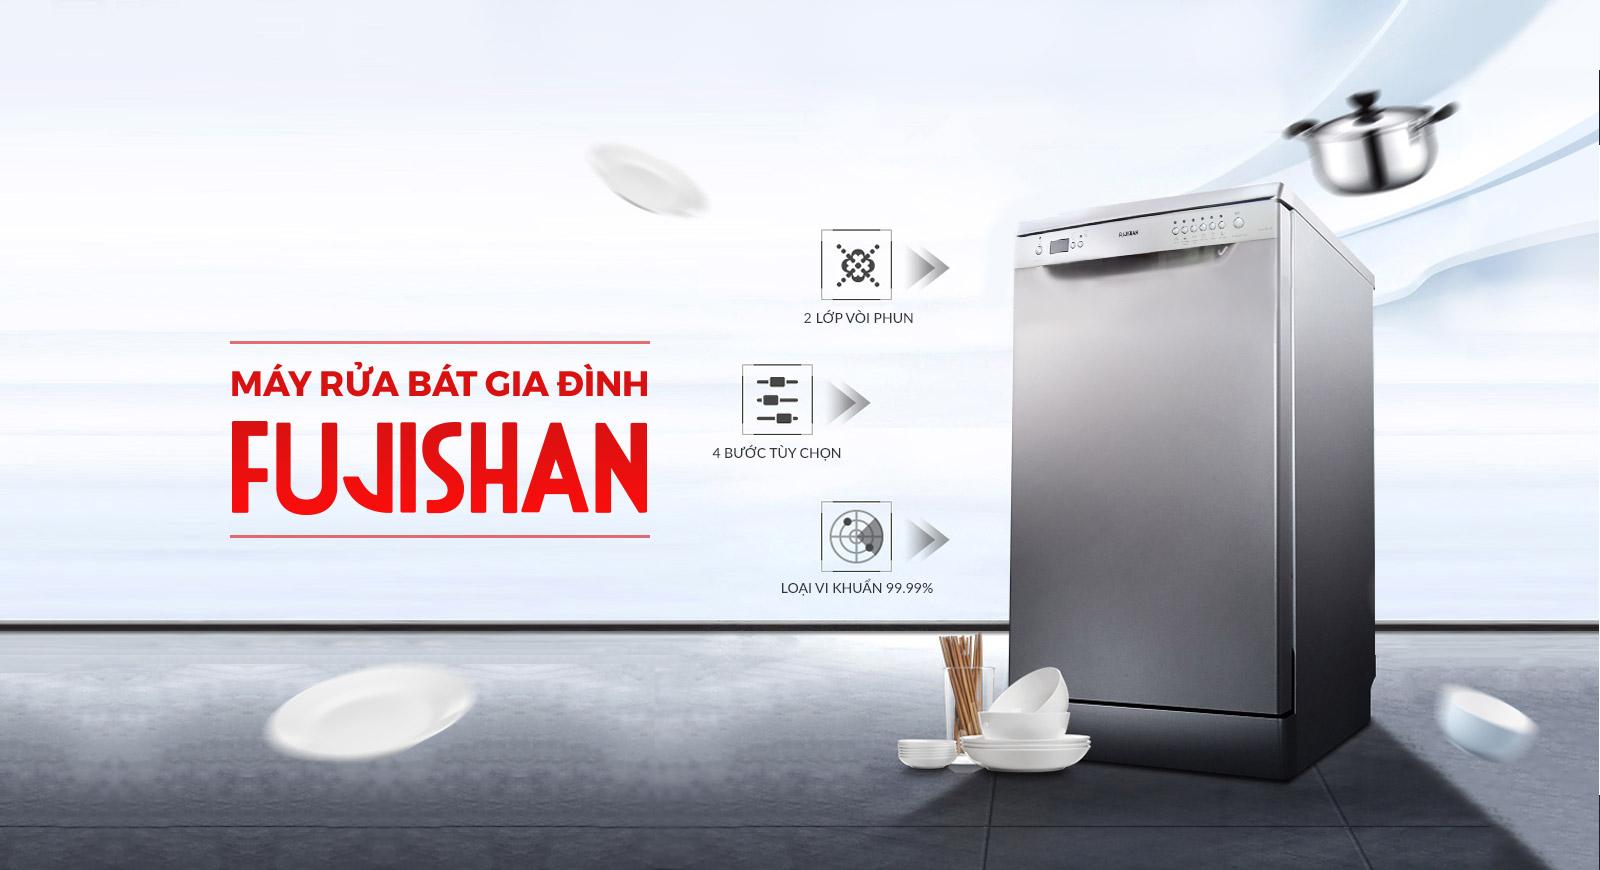 Mảy rửa chén Fujishan